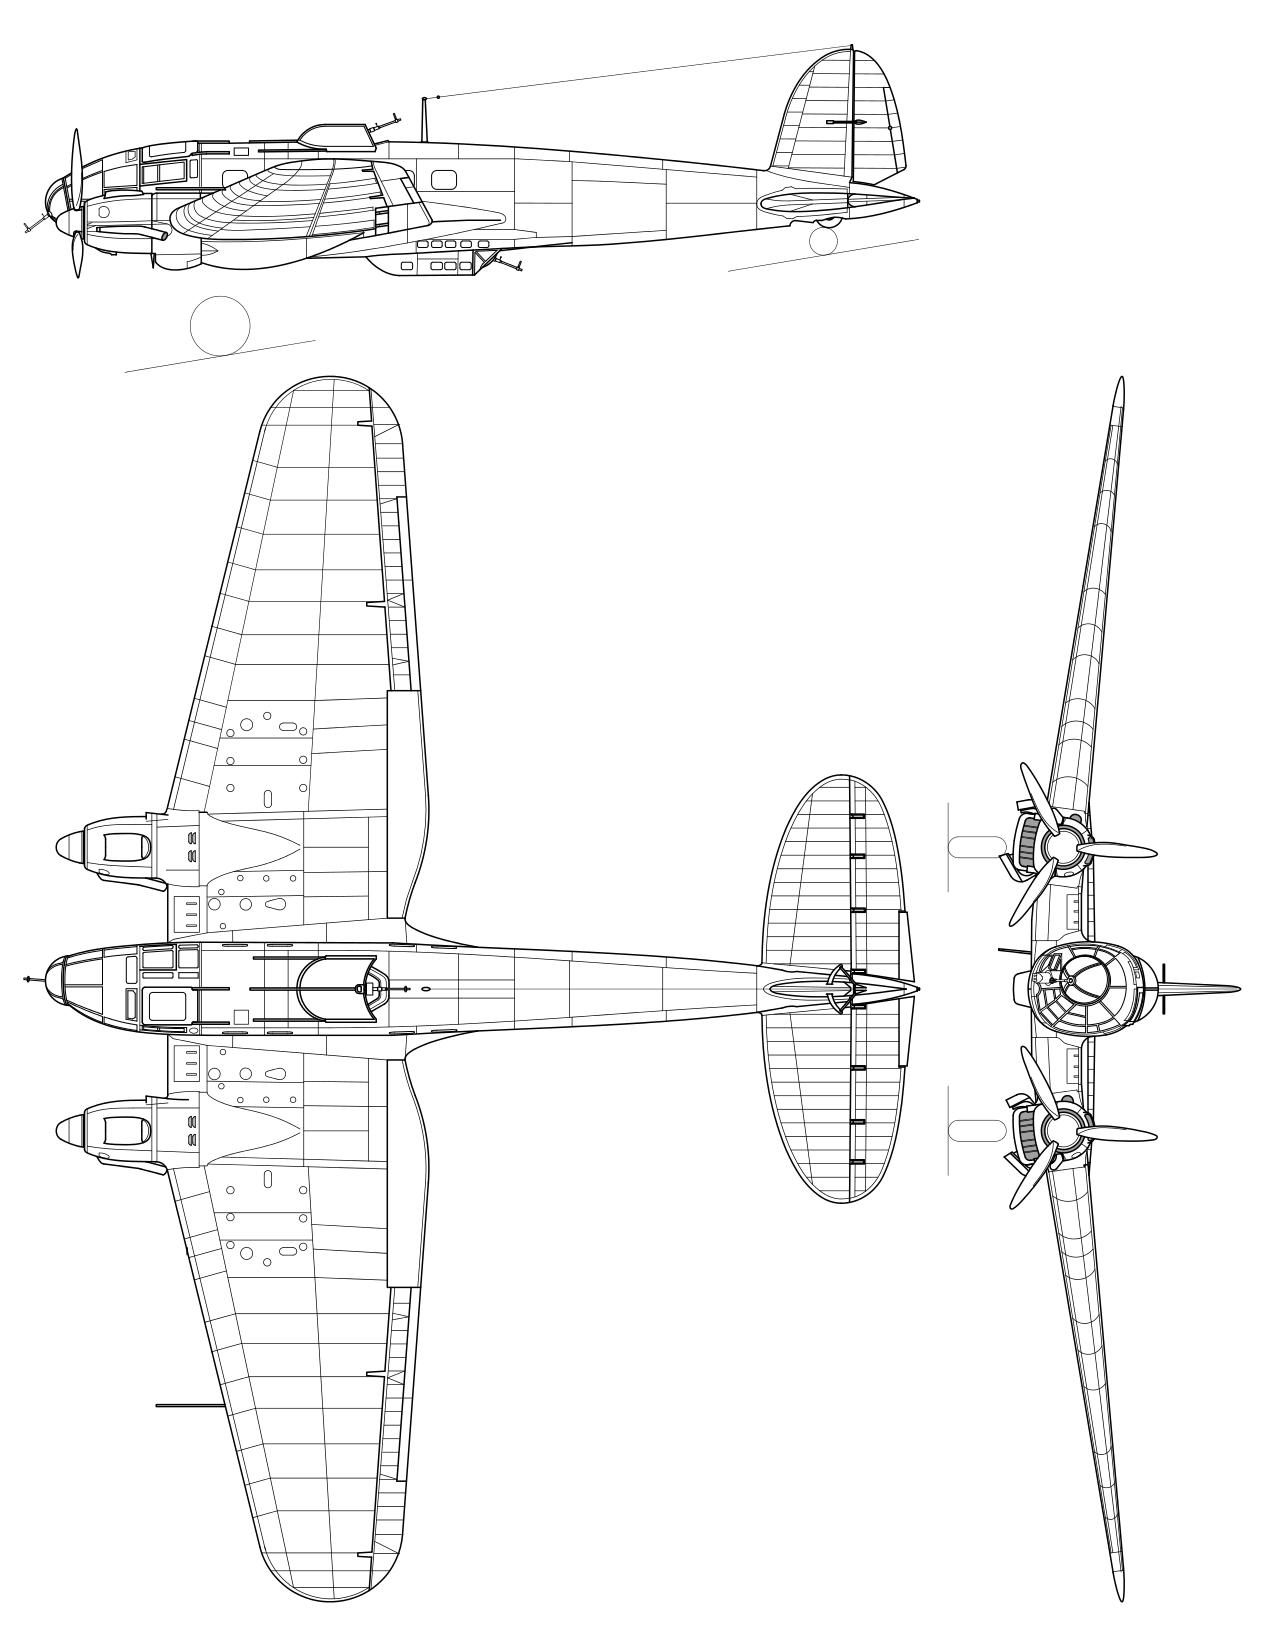 Хейнкель he-111 | военный альбом